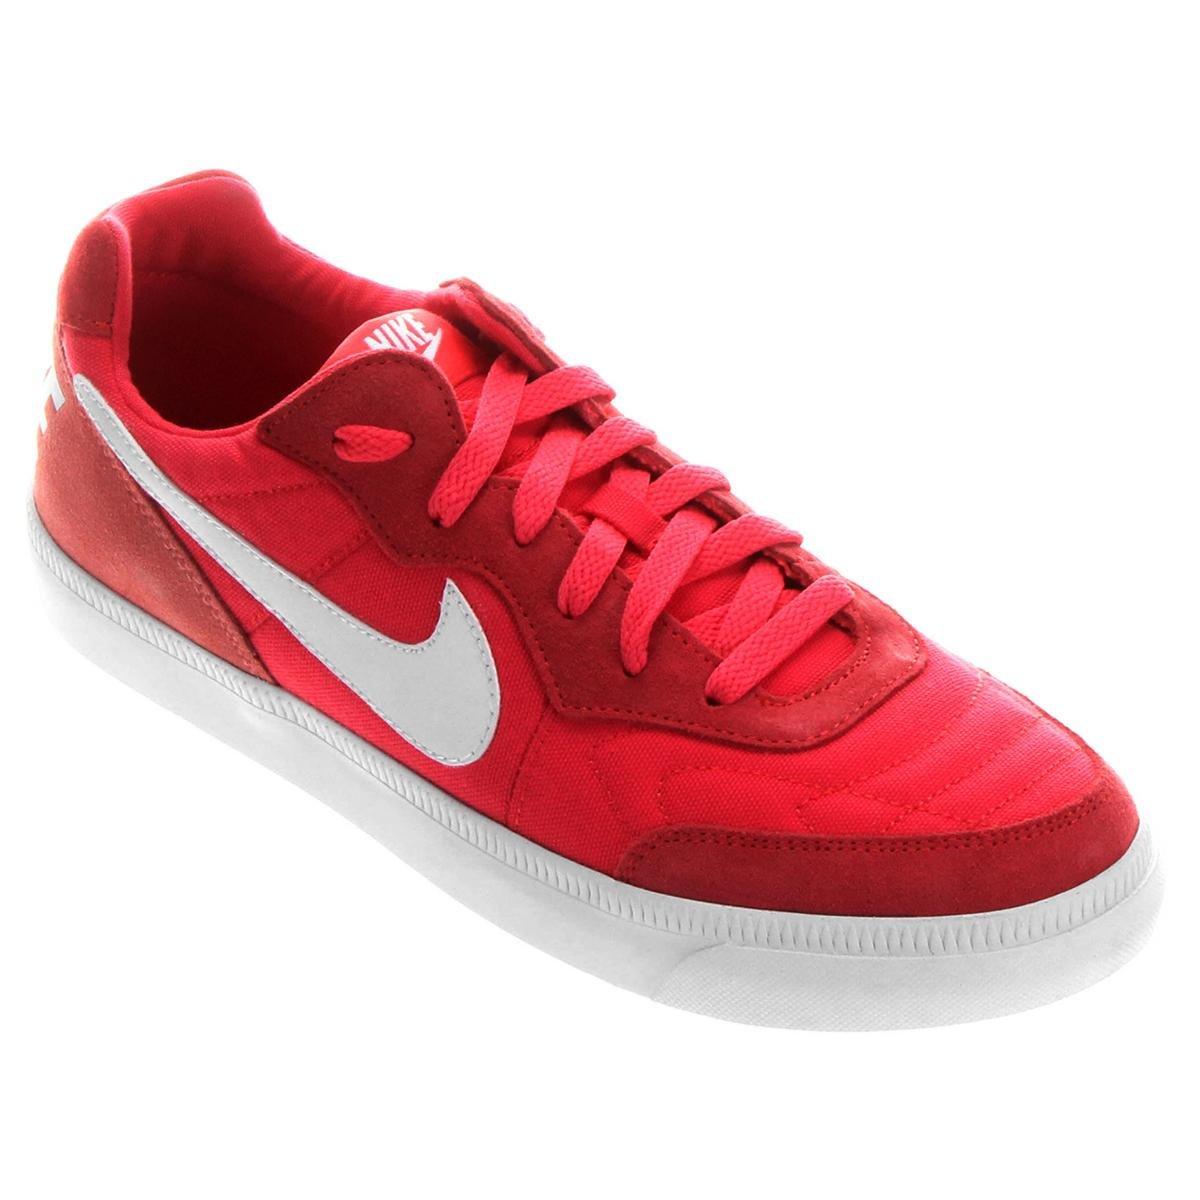 Tênis Nike Nsw Agora Tiempo Trainer Compre Agora Nsw Netsapatos fbc8a7